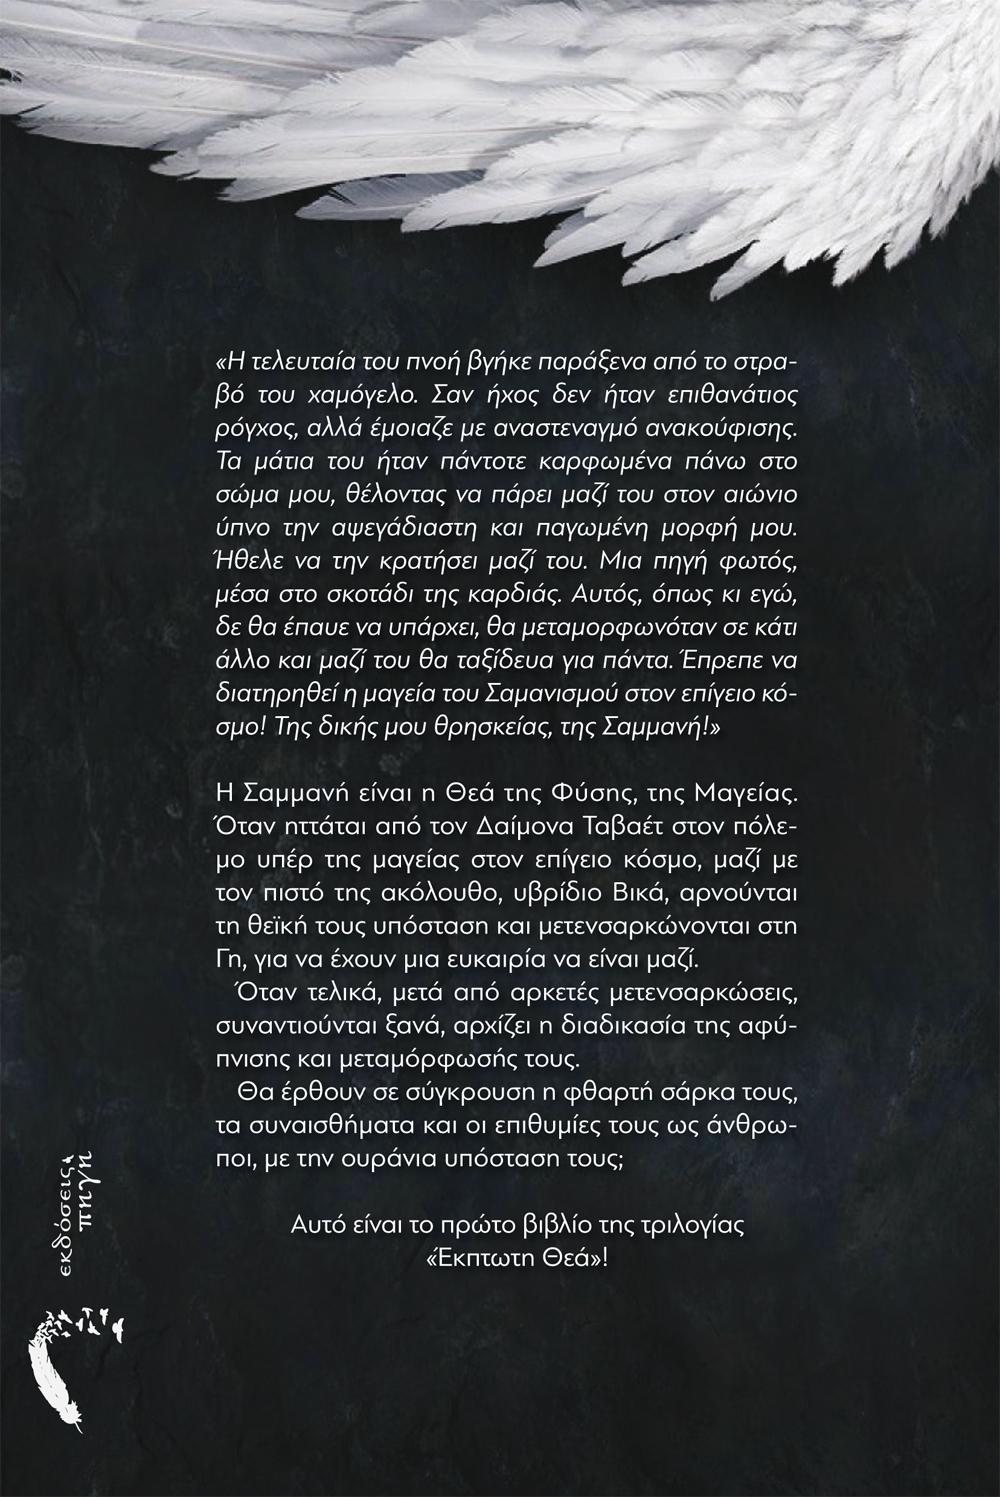 Έκπτωτη θεά, Βαρβάρα Σεργίου, Εκδόσεις Πηγή - www.pigi.gr